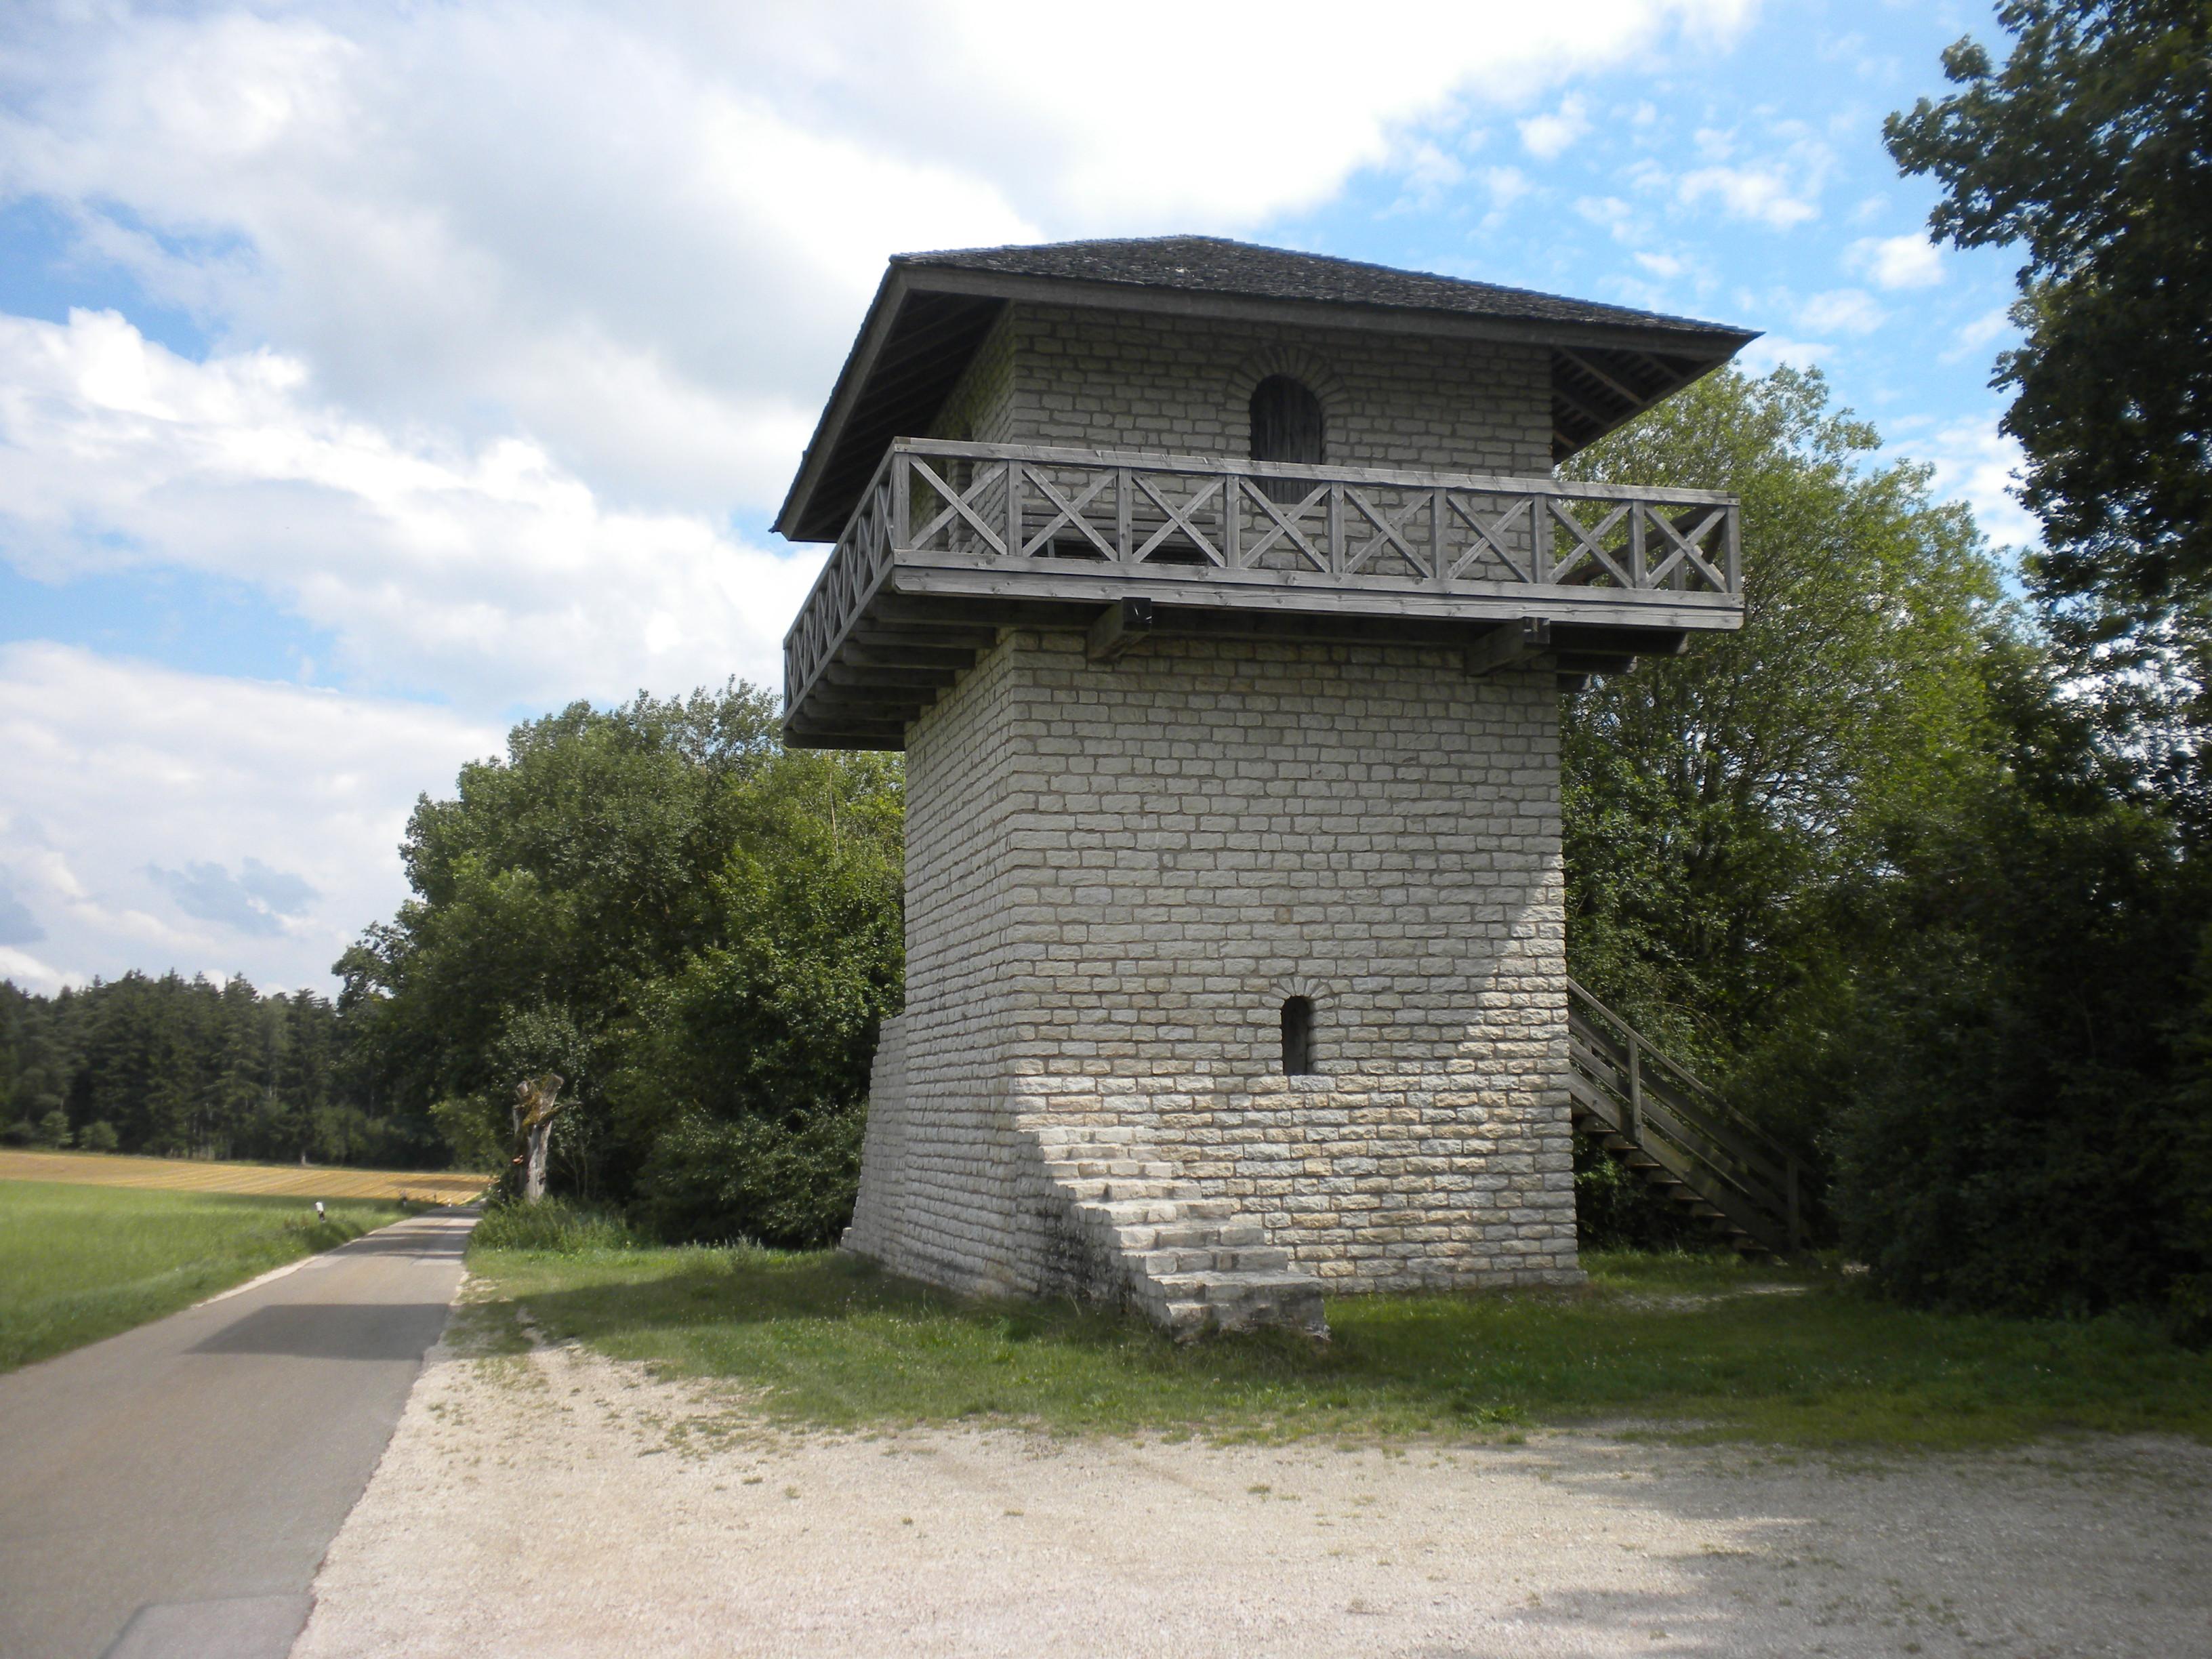 Limesturm Erkertshofen